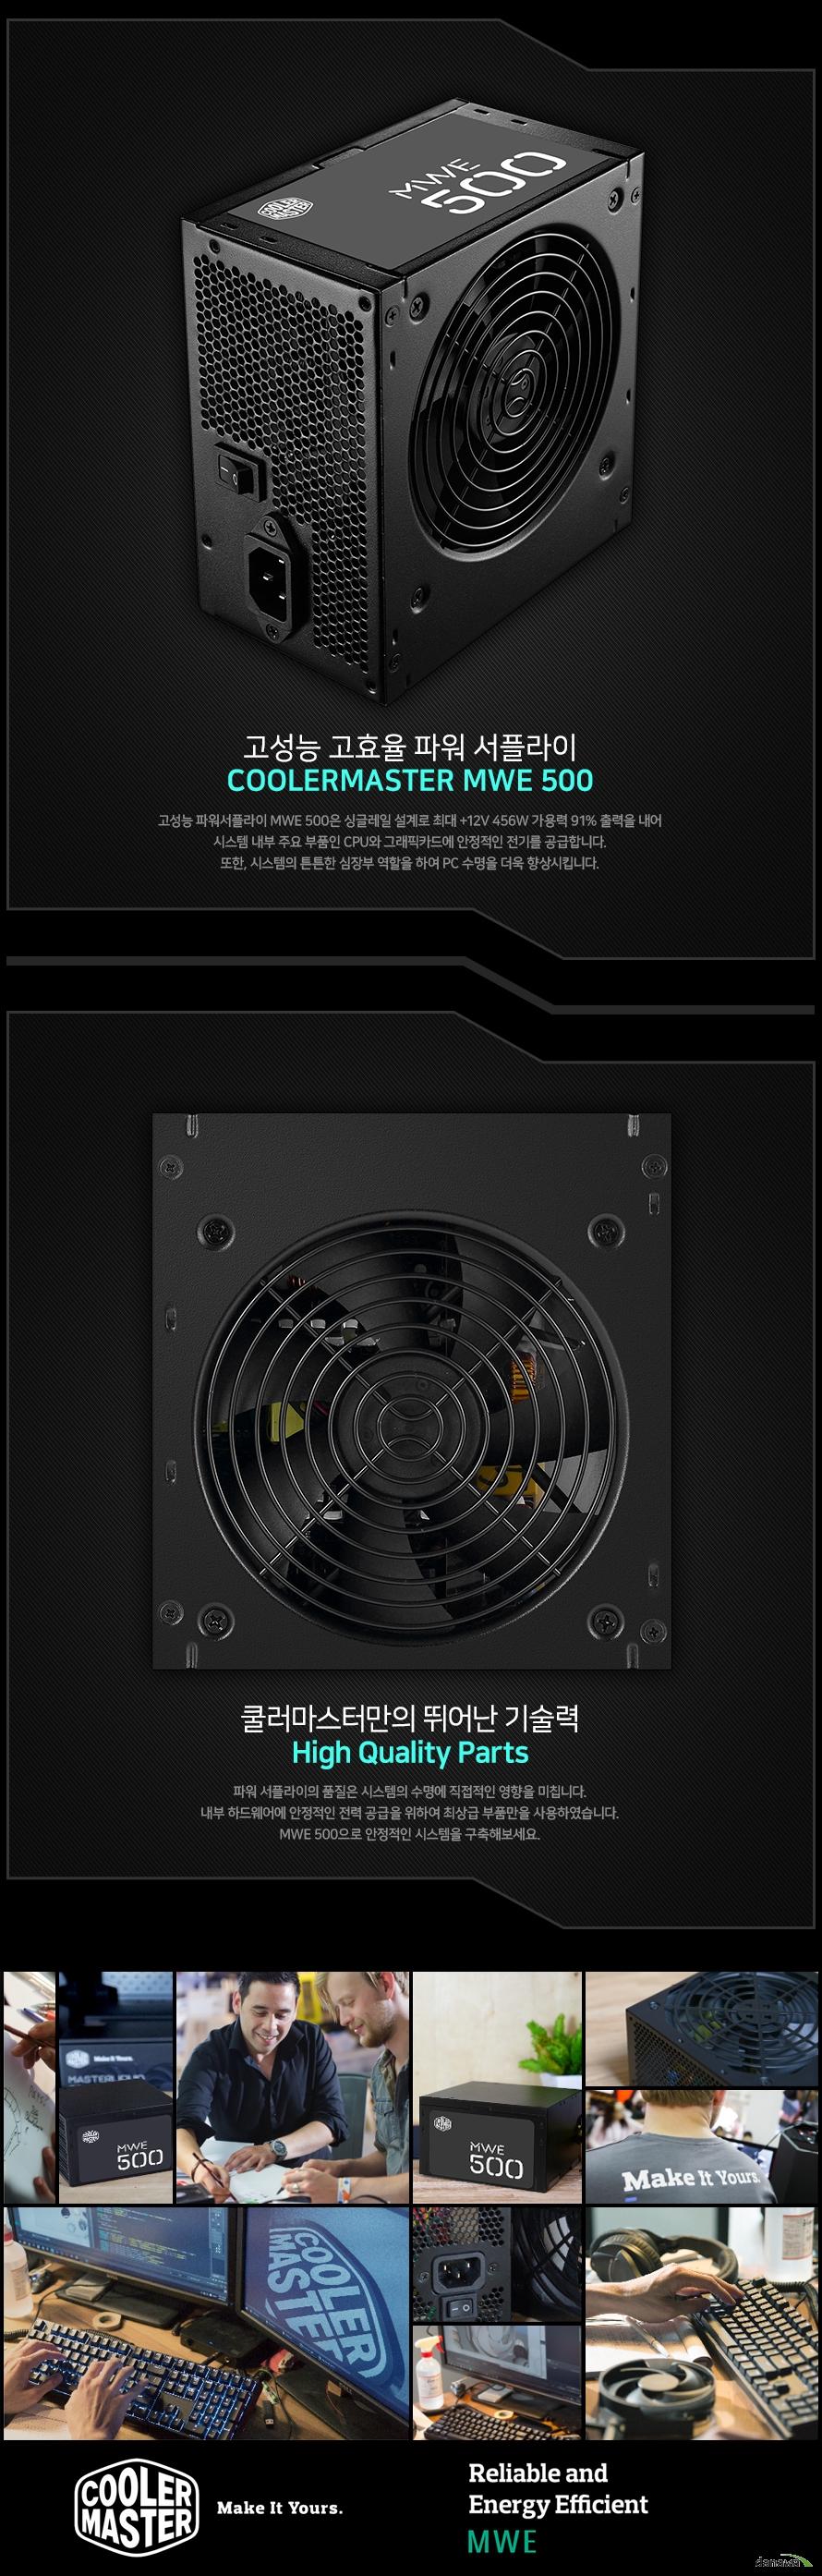 고성능 고효율 파워 서플라이COOLERMASTER MWE 500MWE 500은 싱글레일 설계로 최대 +12V 456W 가용력 91% 출력을 내어시스템 내부 주요 부품인 CPU와 그래픽카드에 안정적인 전기를 공급합니다.또한, 시스템의 튼튼한 심장부 역할을 하여 PC 수명을 더욱 향상시킵니다.쿨러마스터만의 뛰어난 기술력High Quality Parts 파워 서플라이의 품질은 시스템의 수명에 직접적인 영향을 미칩니다.내부 하드웨어에 안정적인 전력 공급을 위하여 최상급 부품만을 사용하였습니다.MWE 500으로 안정적인 시스템을 구축해보세요.